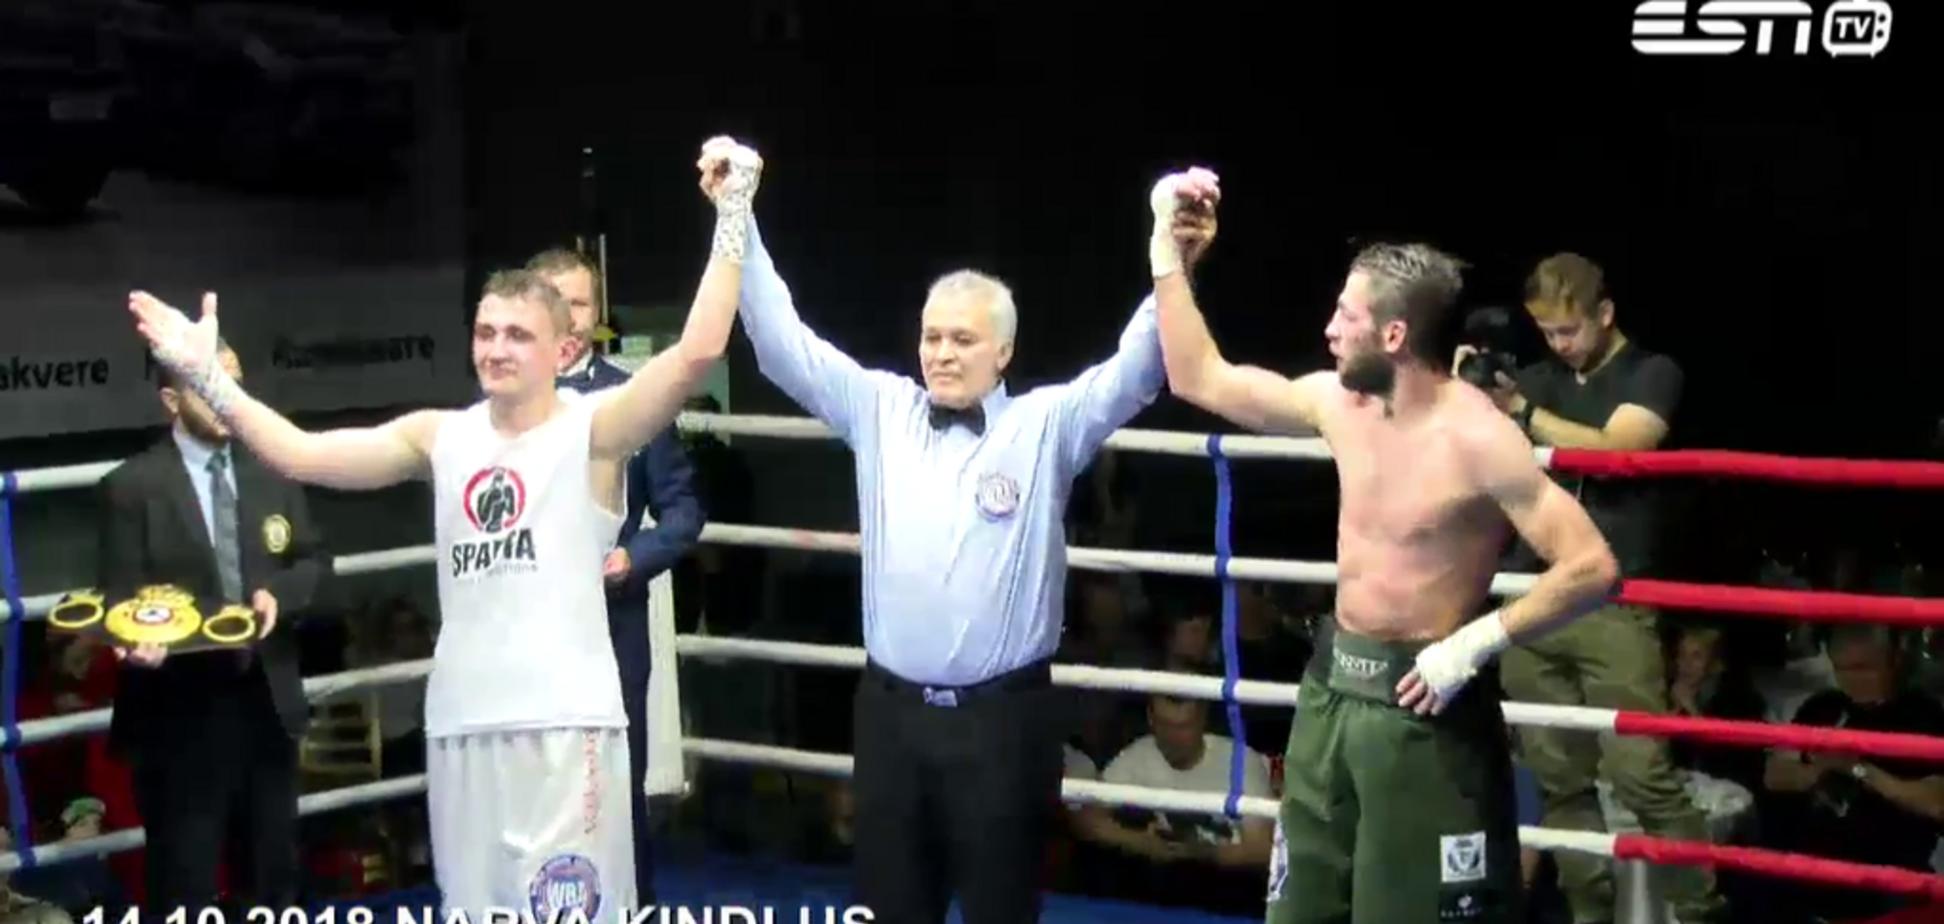 Судьи ''украли'' чемпионский пояс у украинского боксера